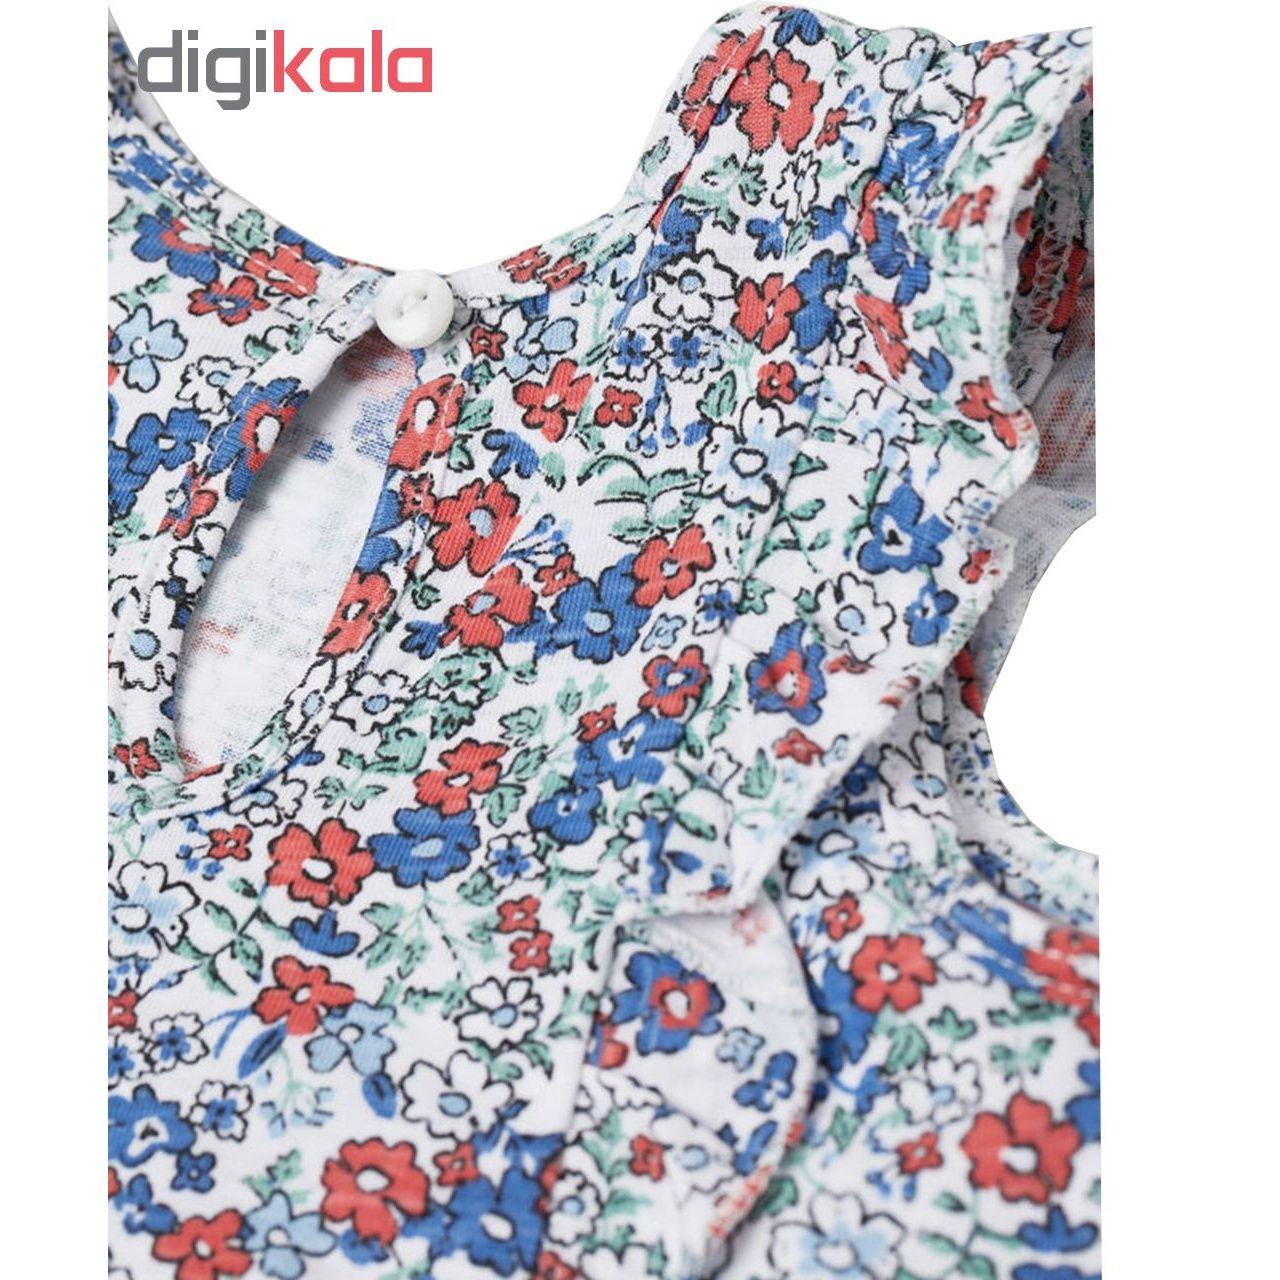 پیراهن دخترانه اچ اند ام مدل L1621 main 1 2